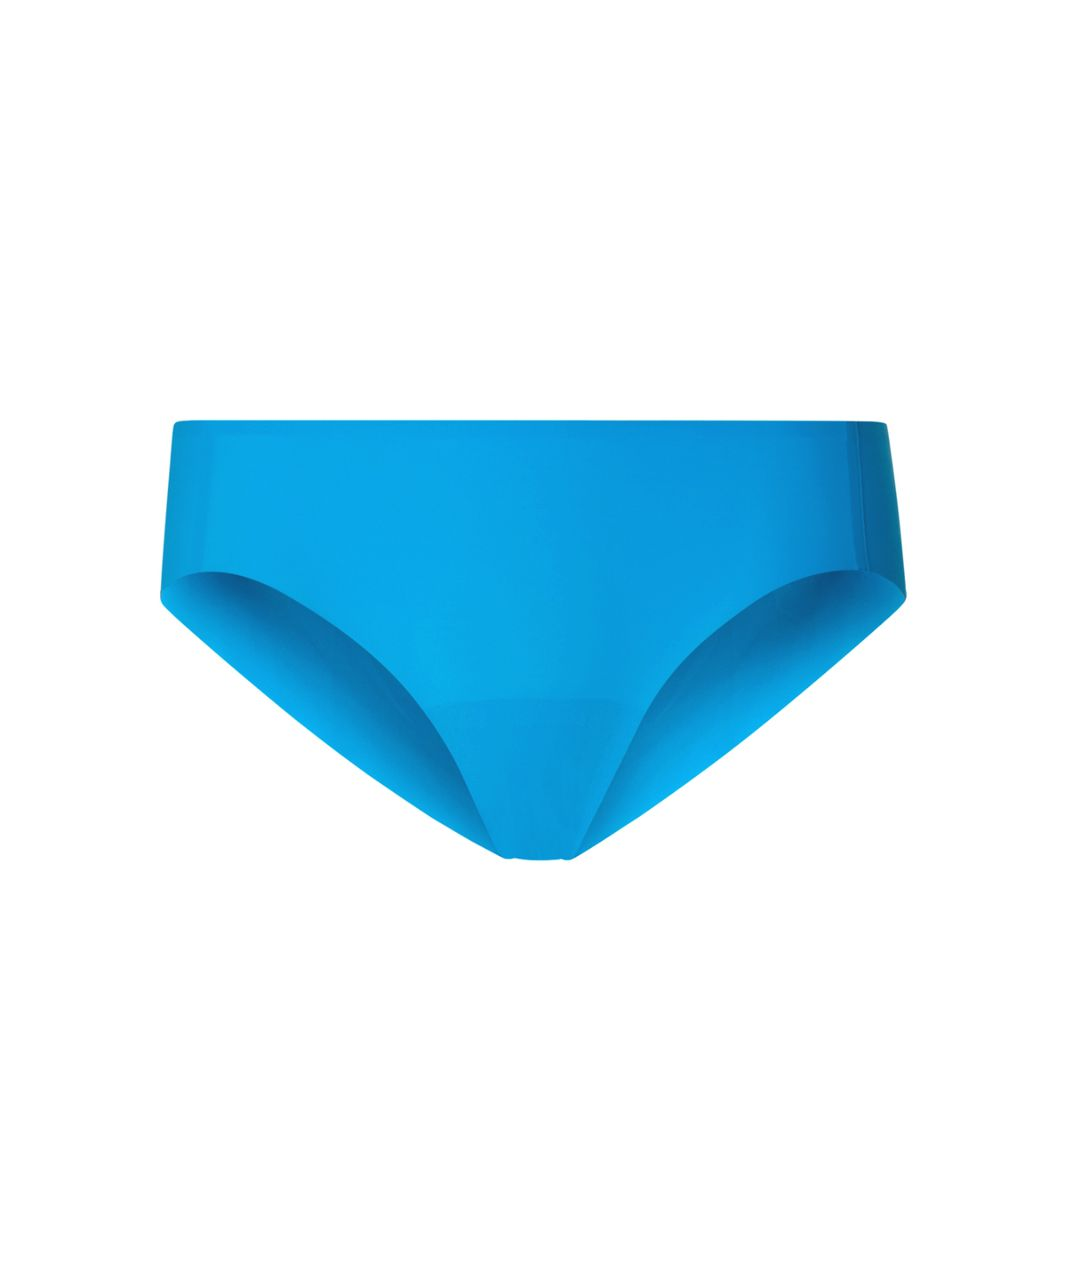 Lululemon Namastay Put Hipster - Kayak Blue